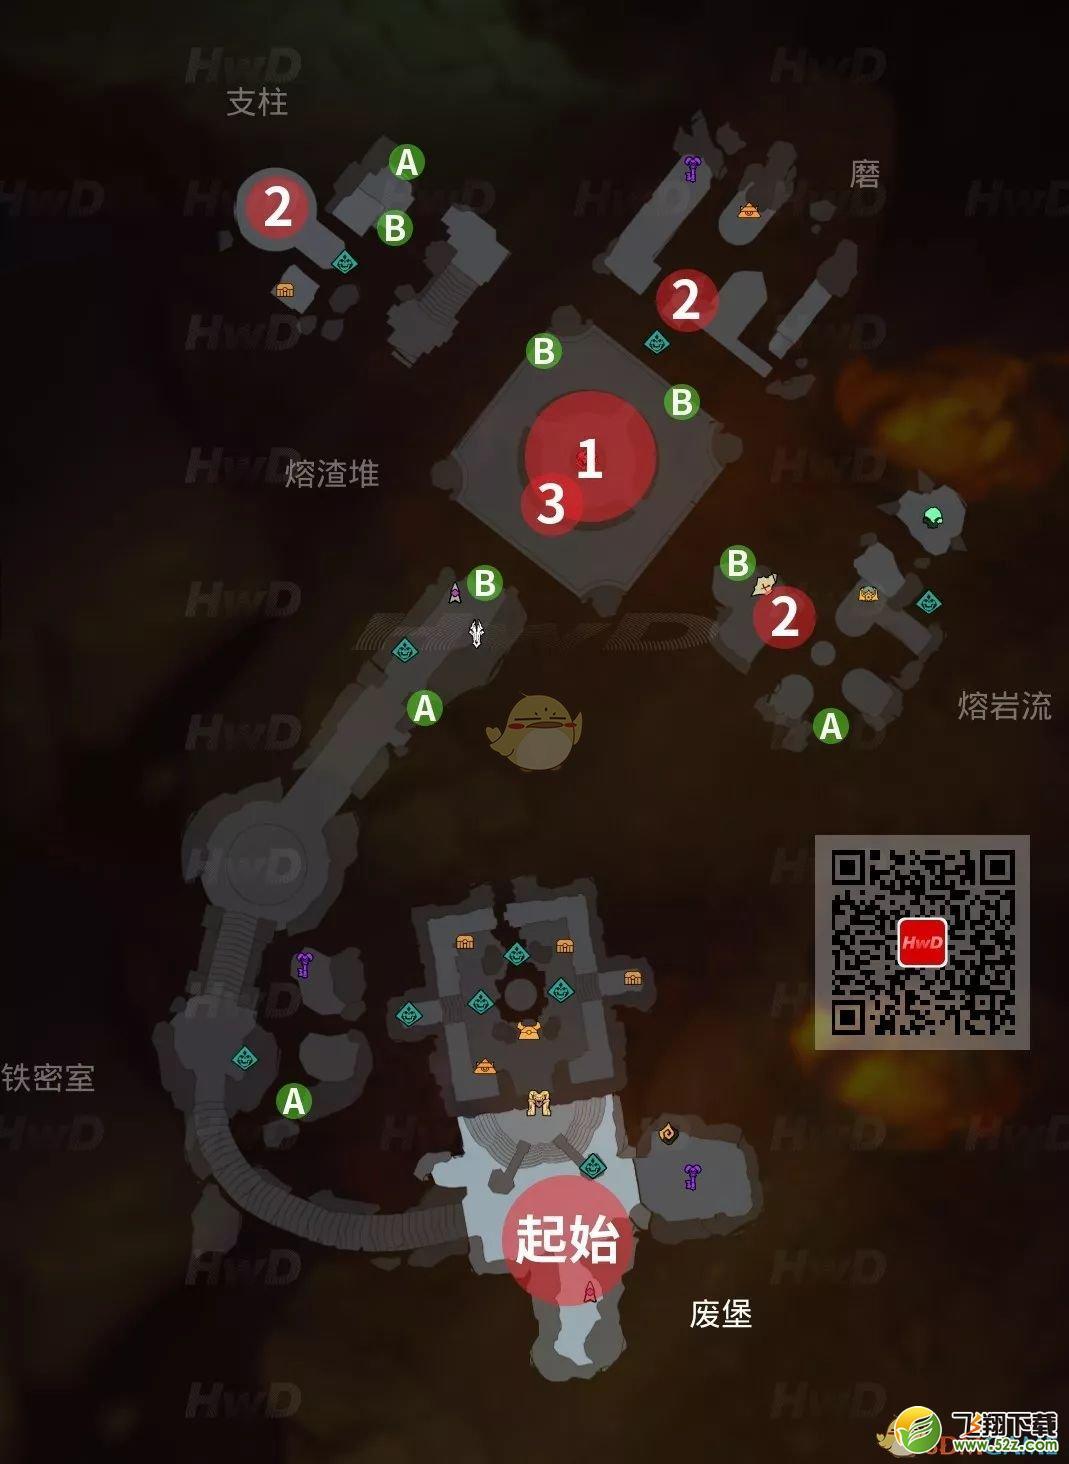 《暗黑血统:创世纪》第二章熔渣矿坑全支线任务位置攻略_52z.com